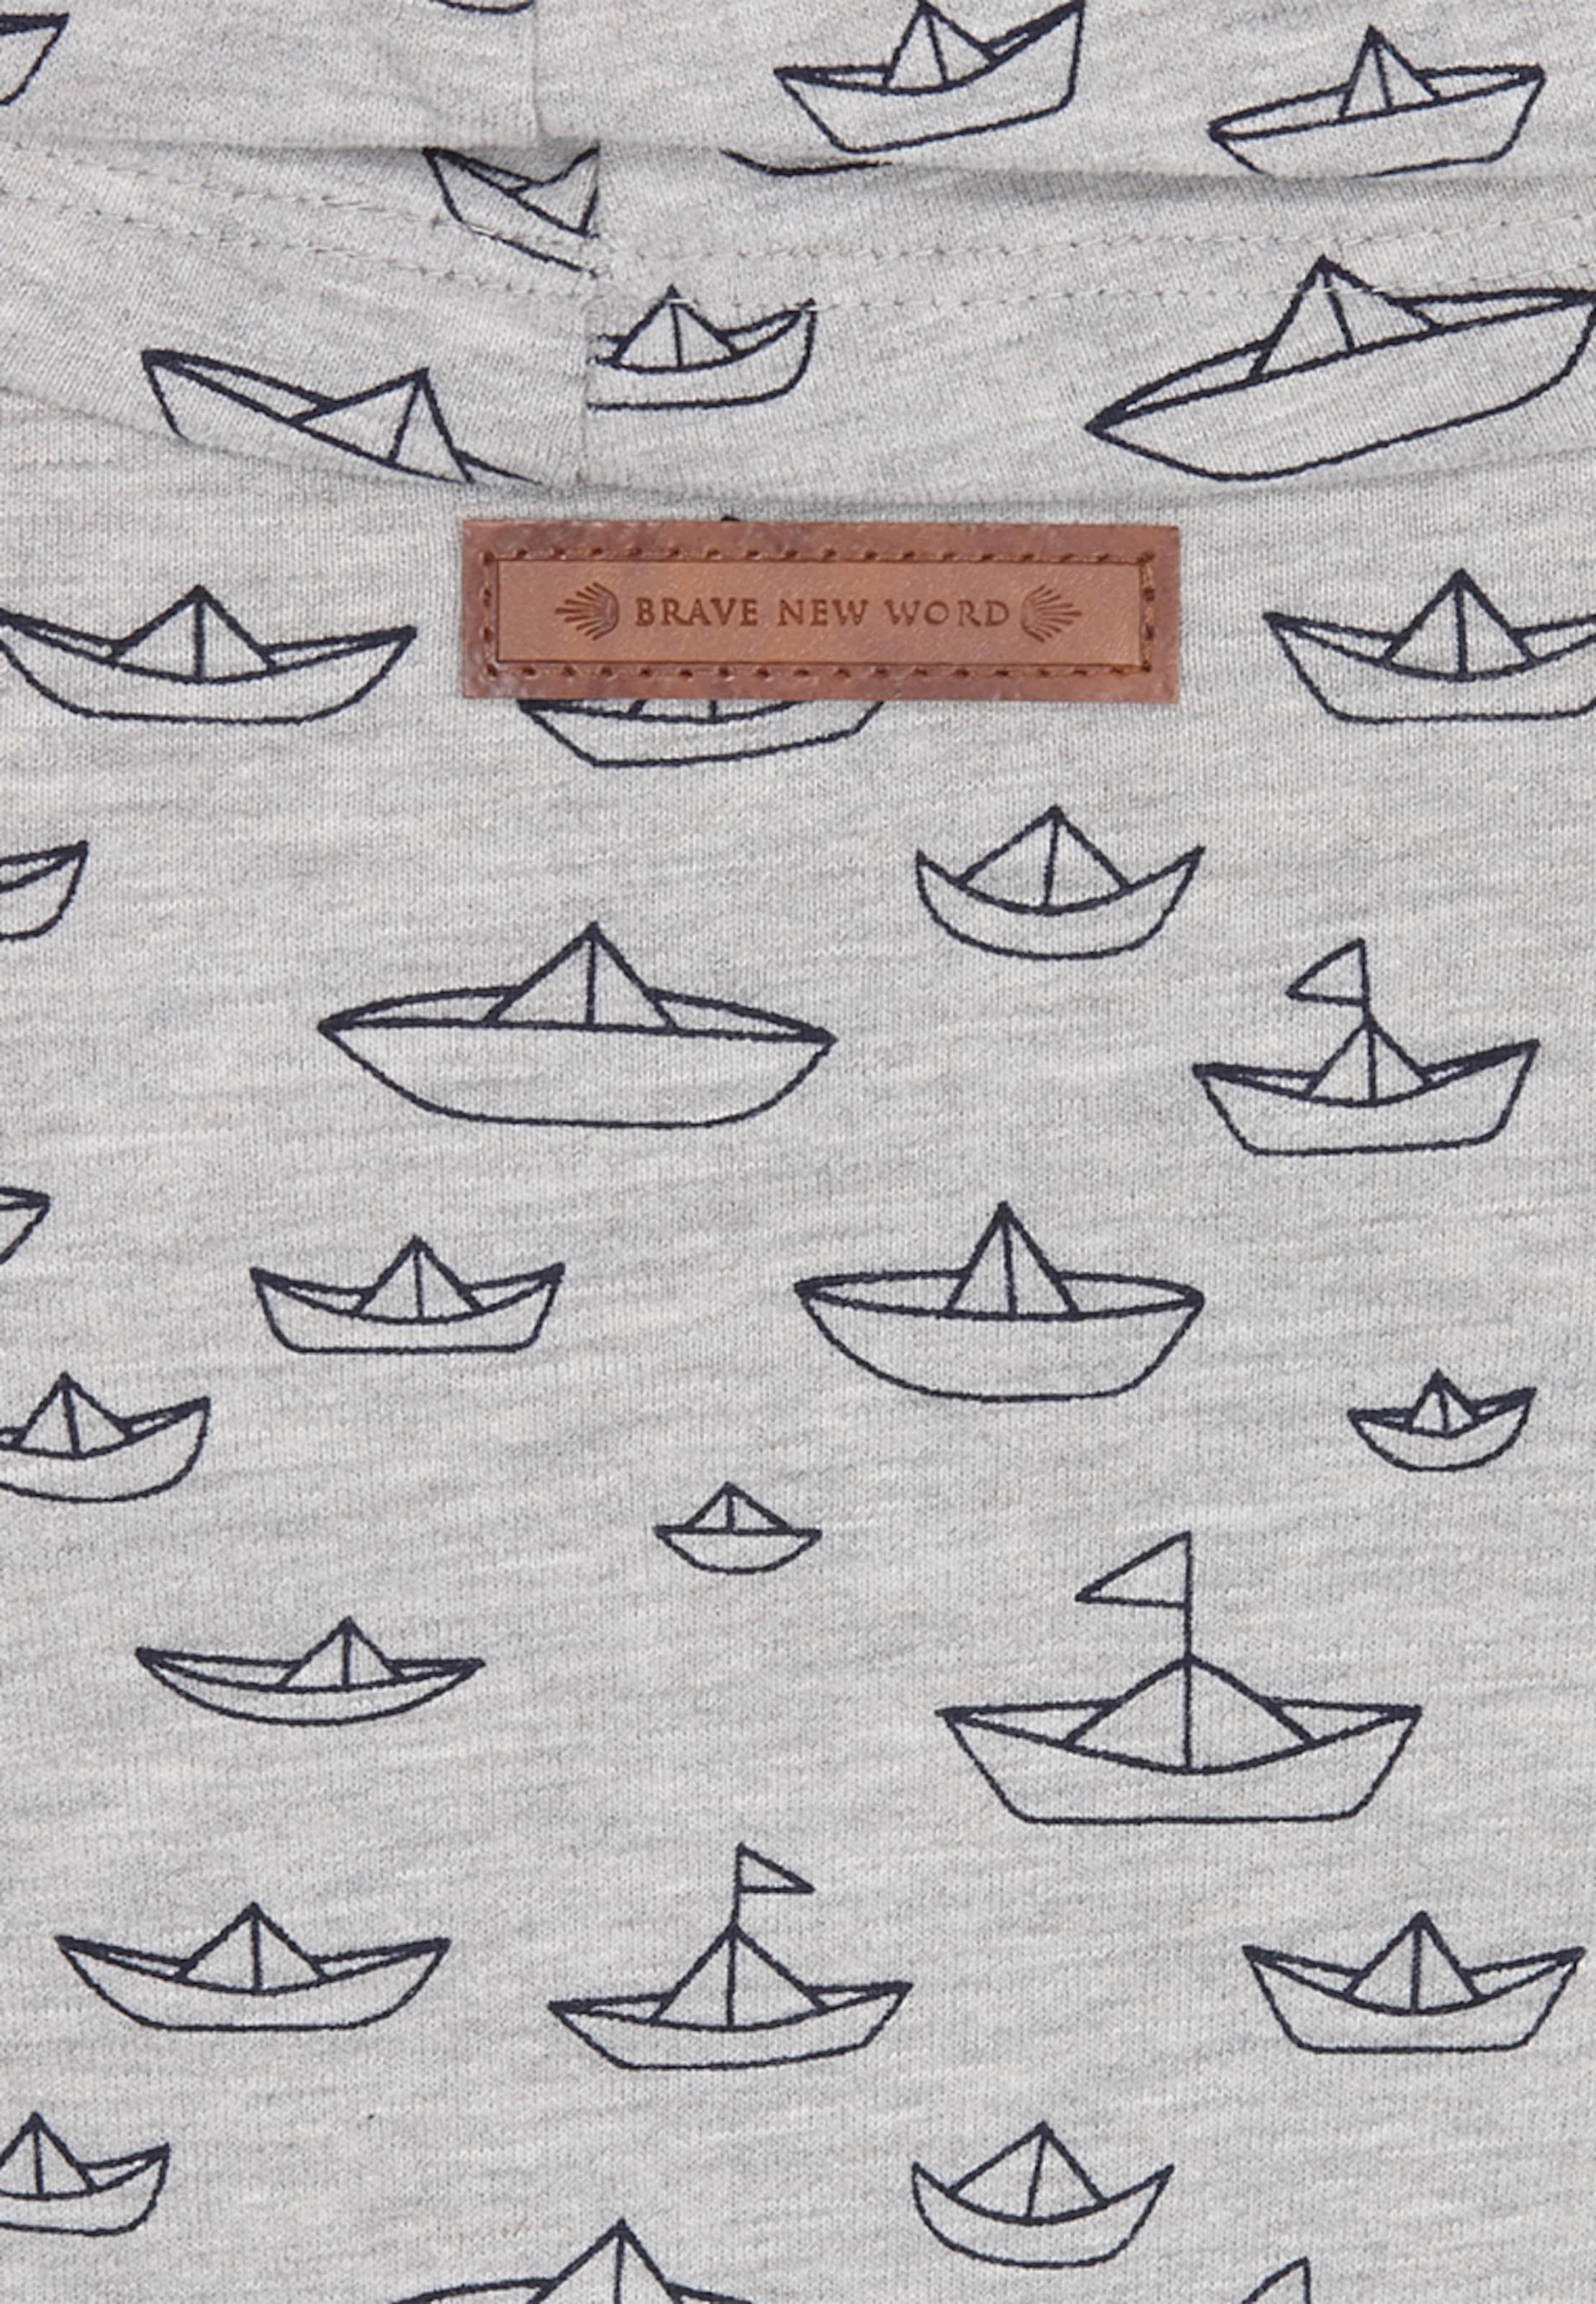 Mit Mastercard Zum Verkauf Verkauf naketano Female Sweatshirt 'Wollüstiges Turngerät' Rabattpreise Einen Günstigen Preis Spielraum Rabatte RAgYKAZ